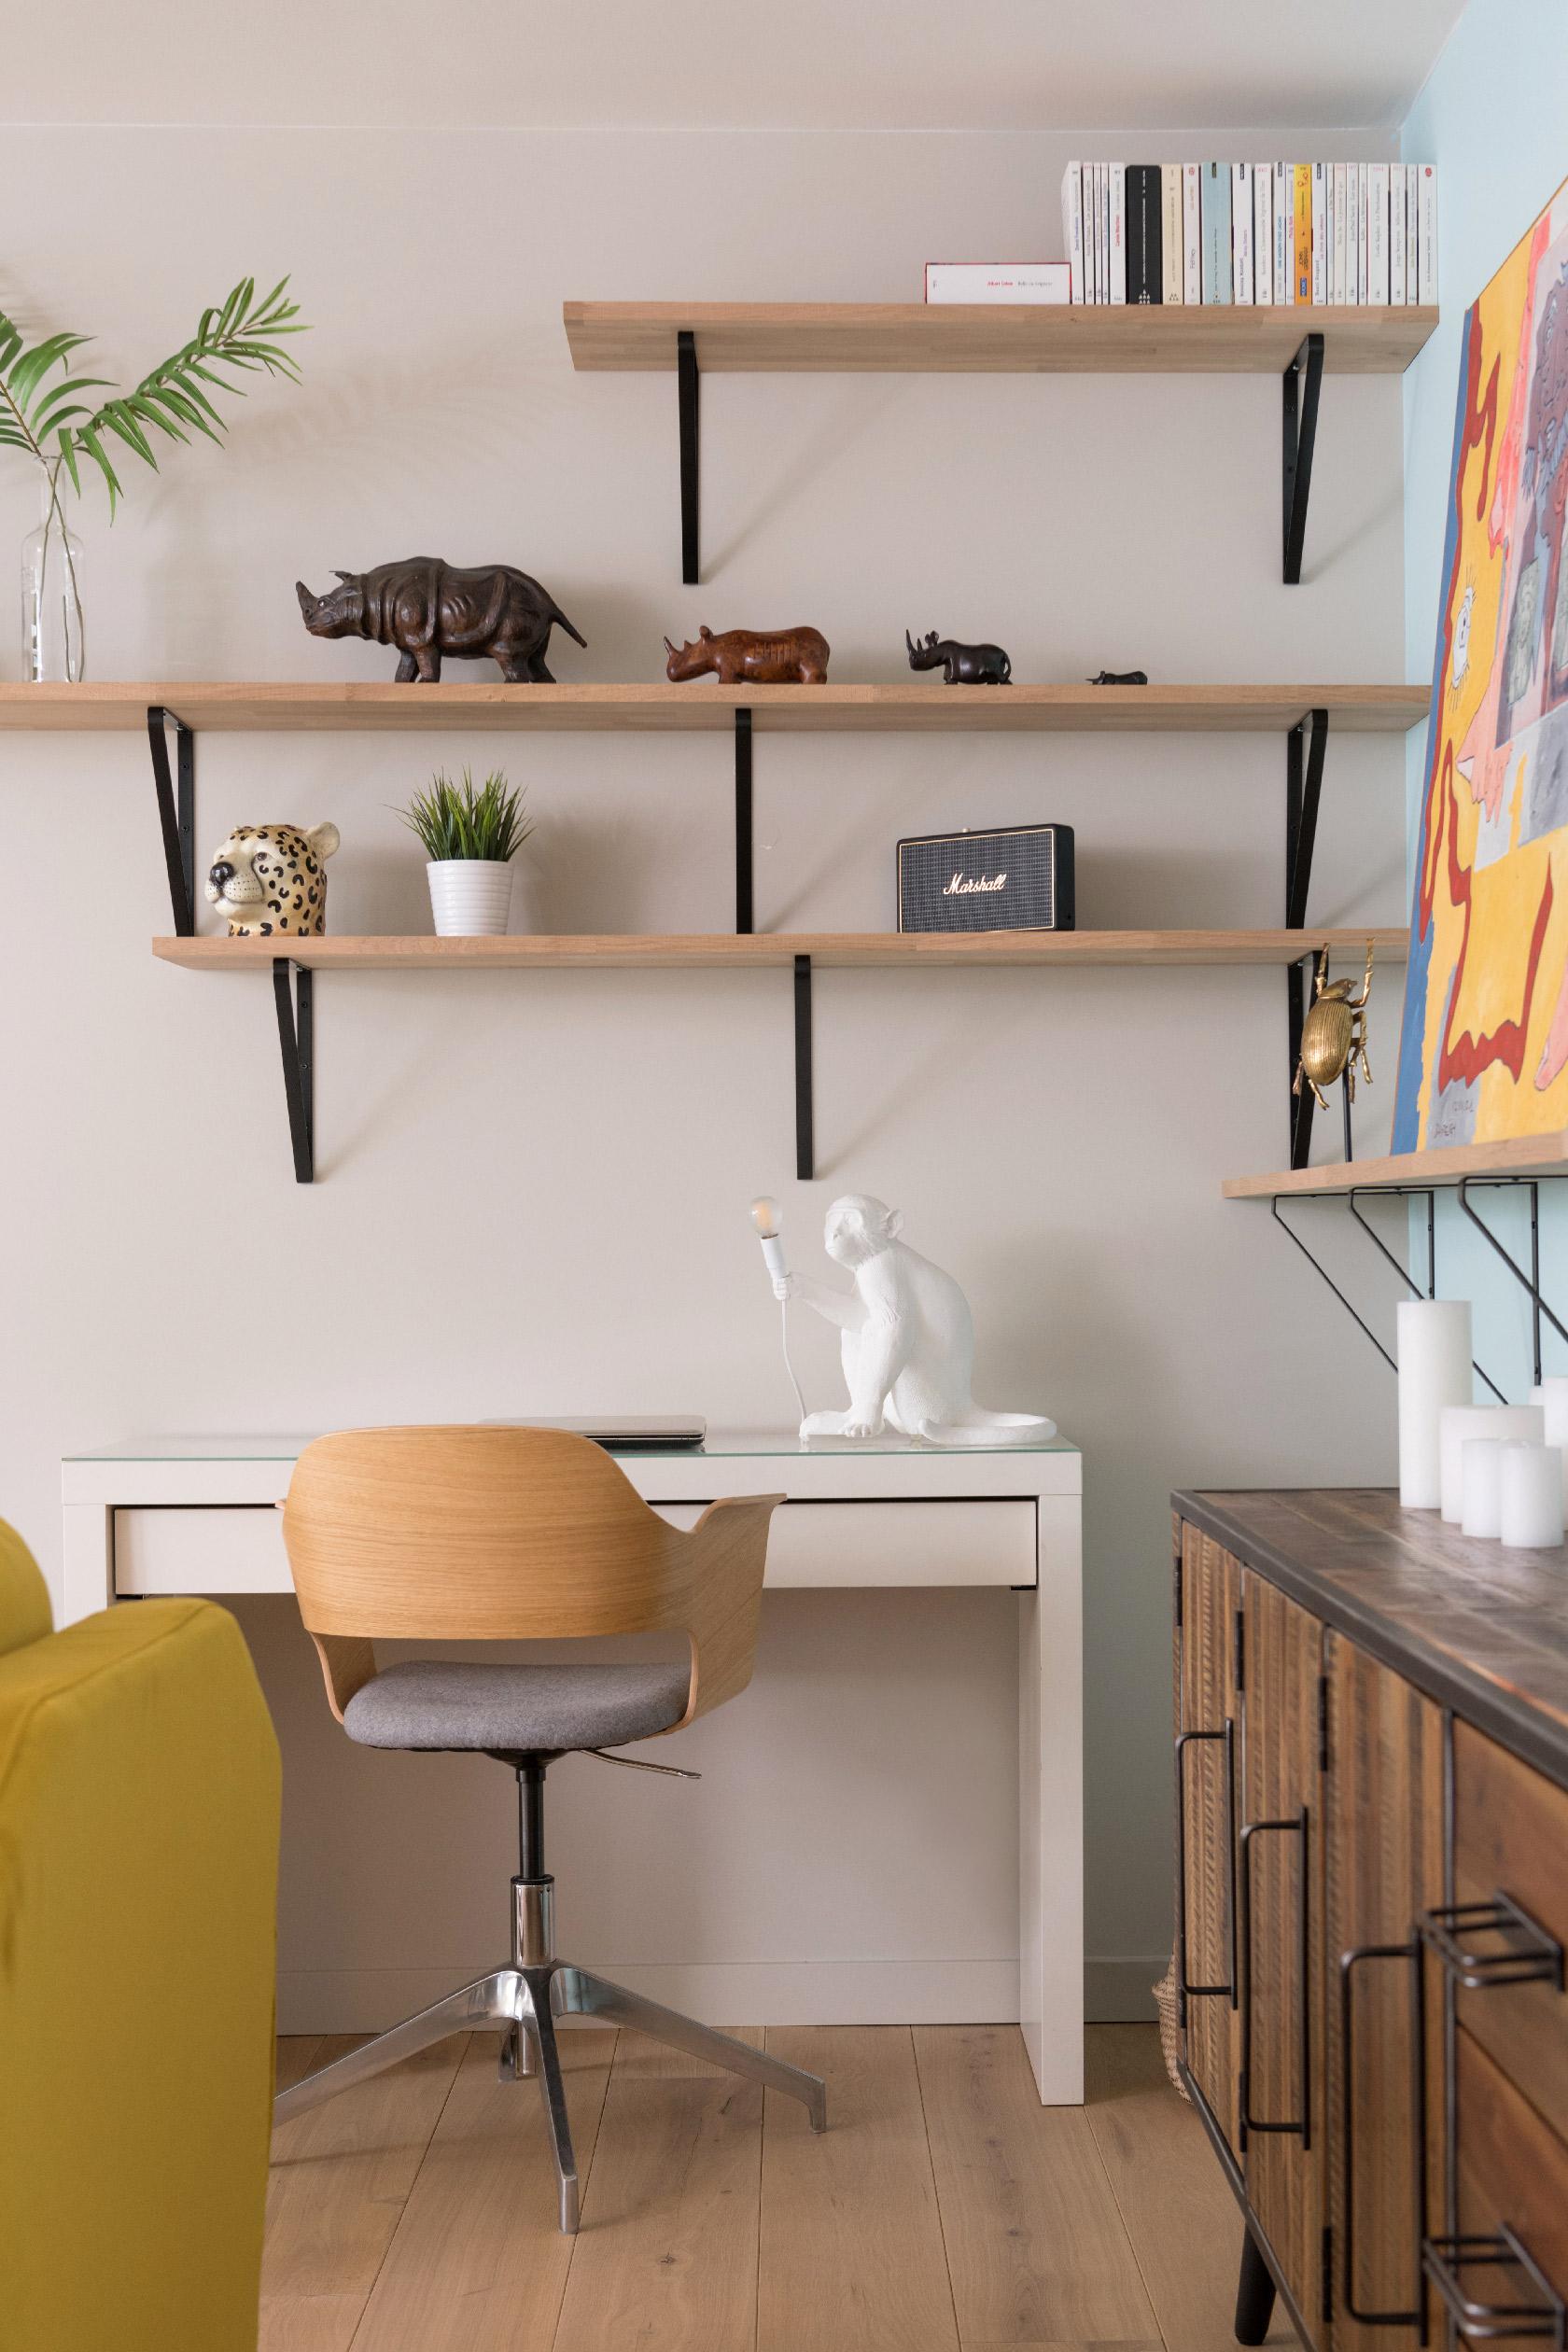 Le bureau blanc est surplombé d'une lampe singe Seletti et d'étagères. Un vase en forme de tête de léopard, une enceinte Marshall et une famille de Rhinocéros décorent les étagères murales.